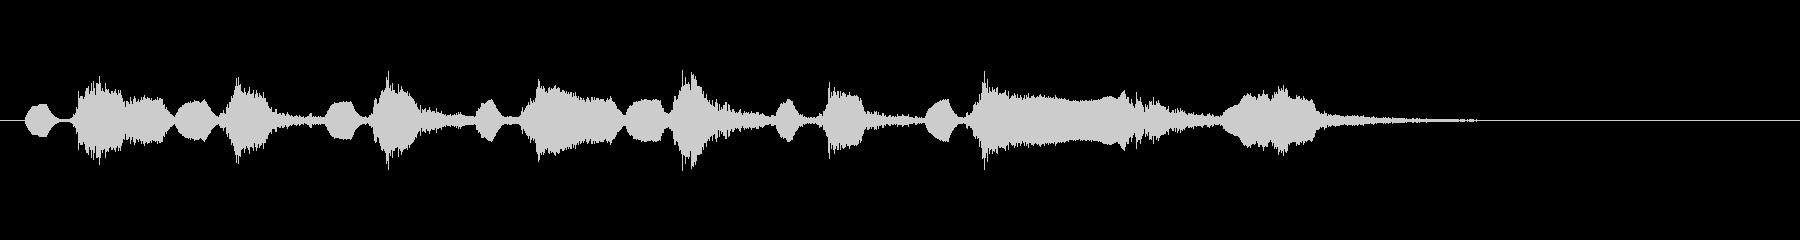 ジングル口笛が印象的な明るいサウンドロゴの未再生の波形